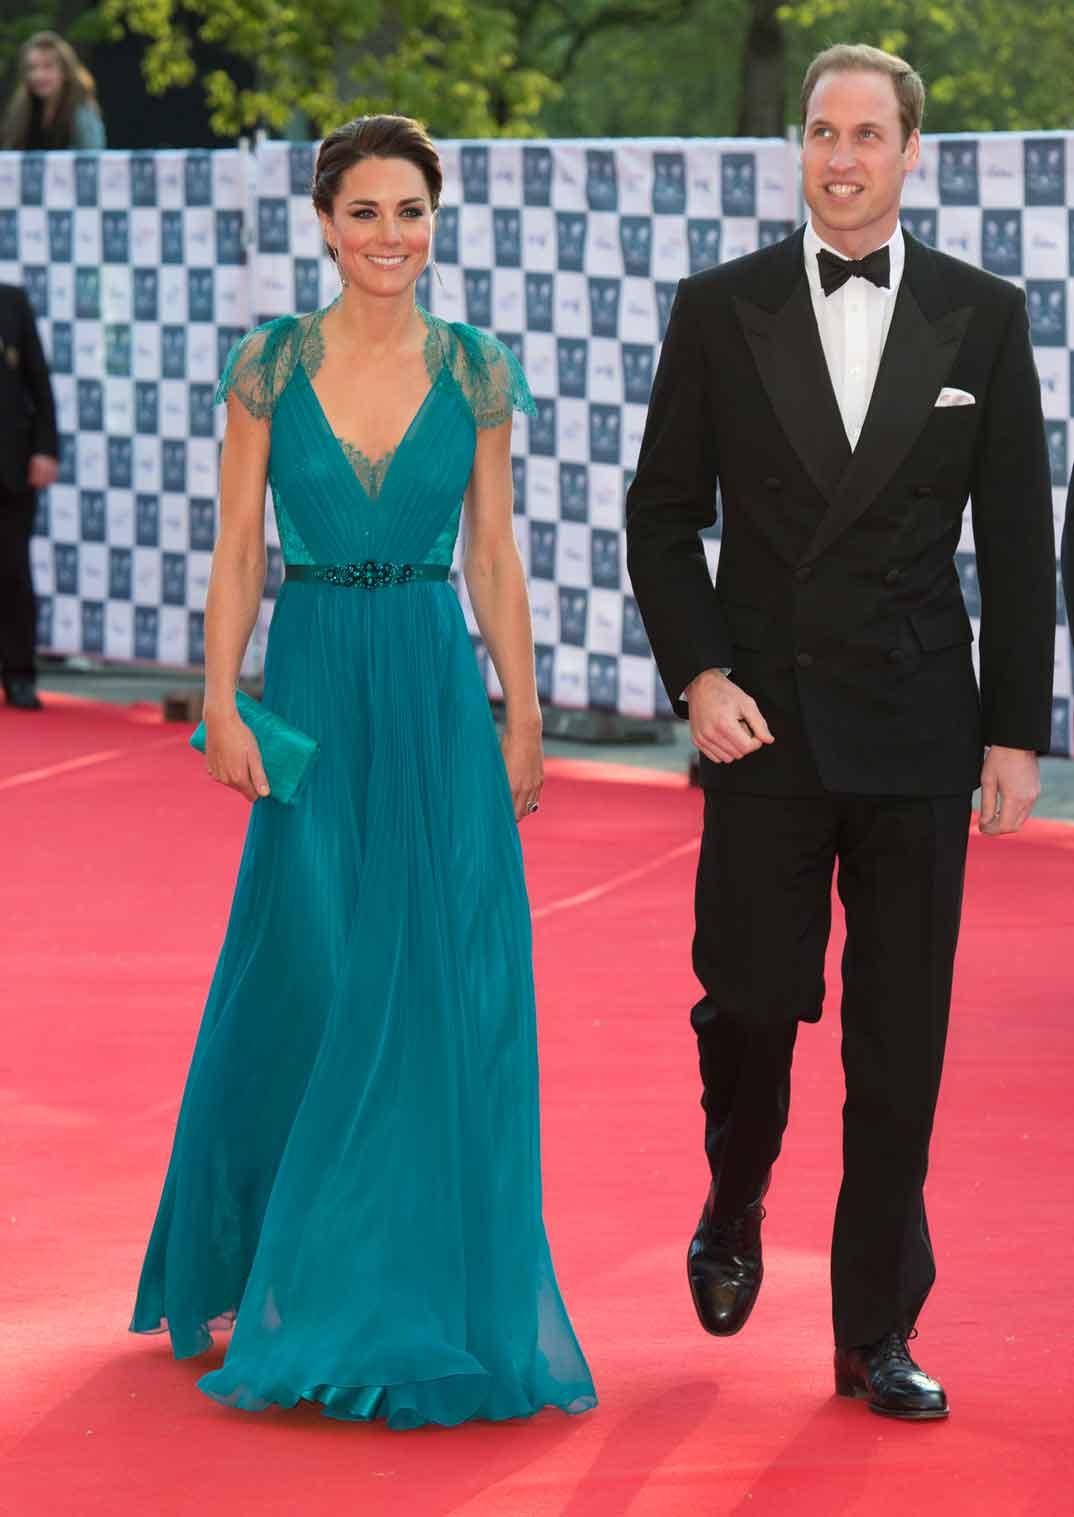 Duques de Cambridge - 2012